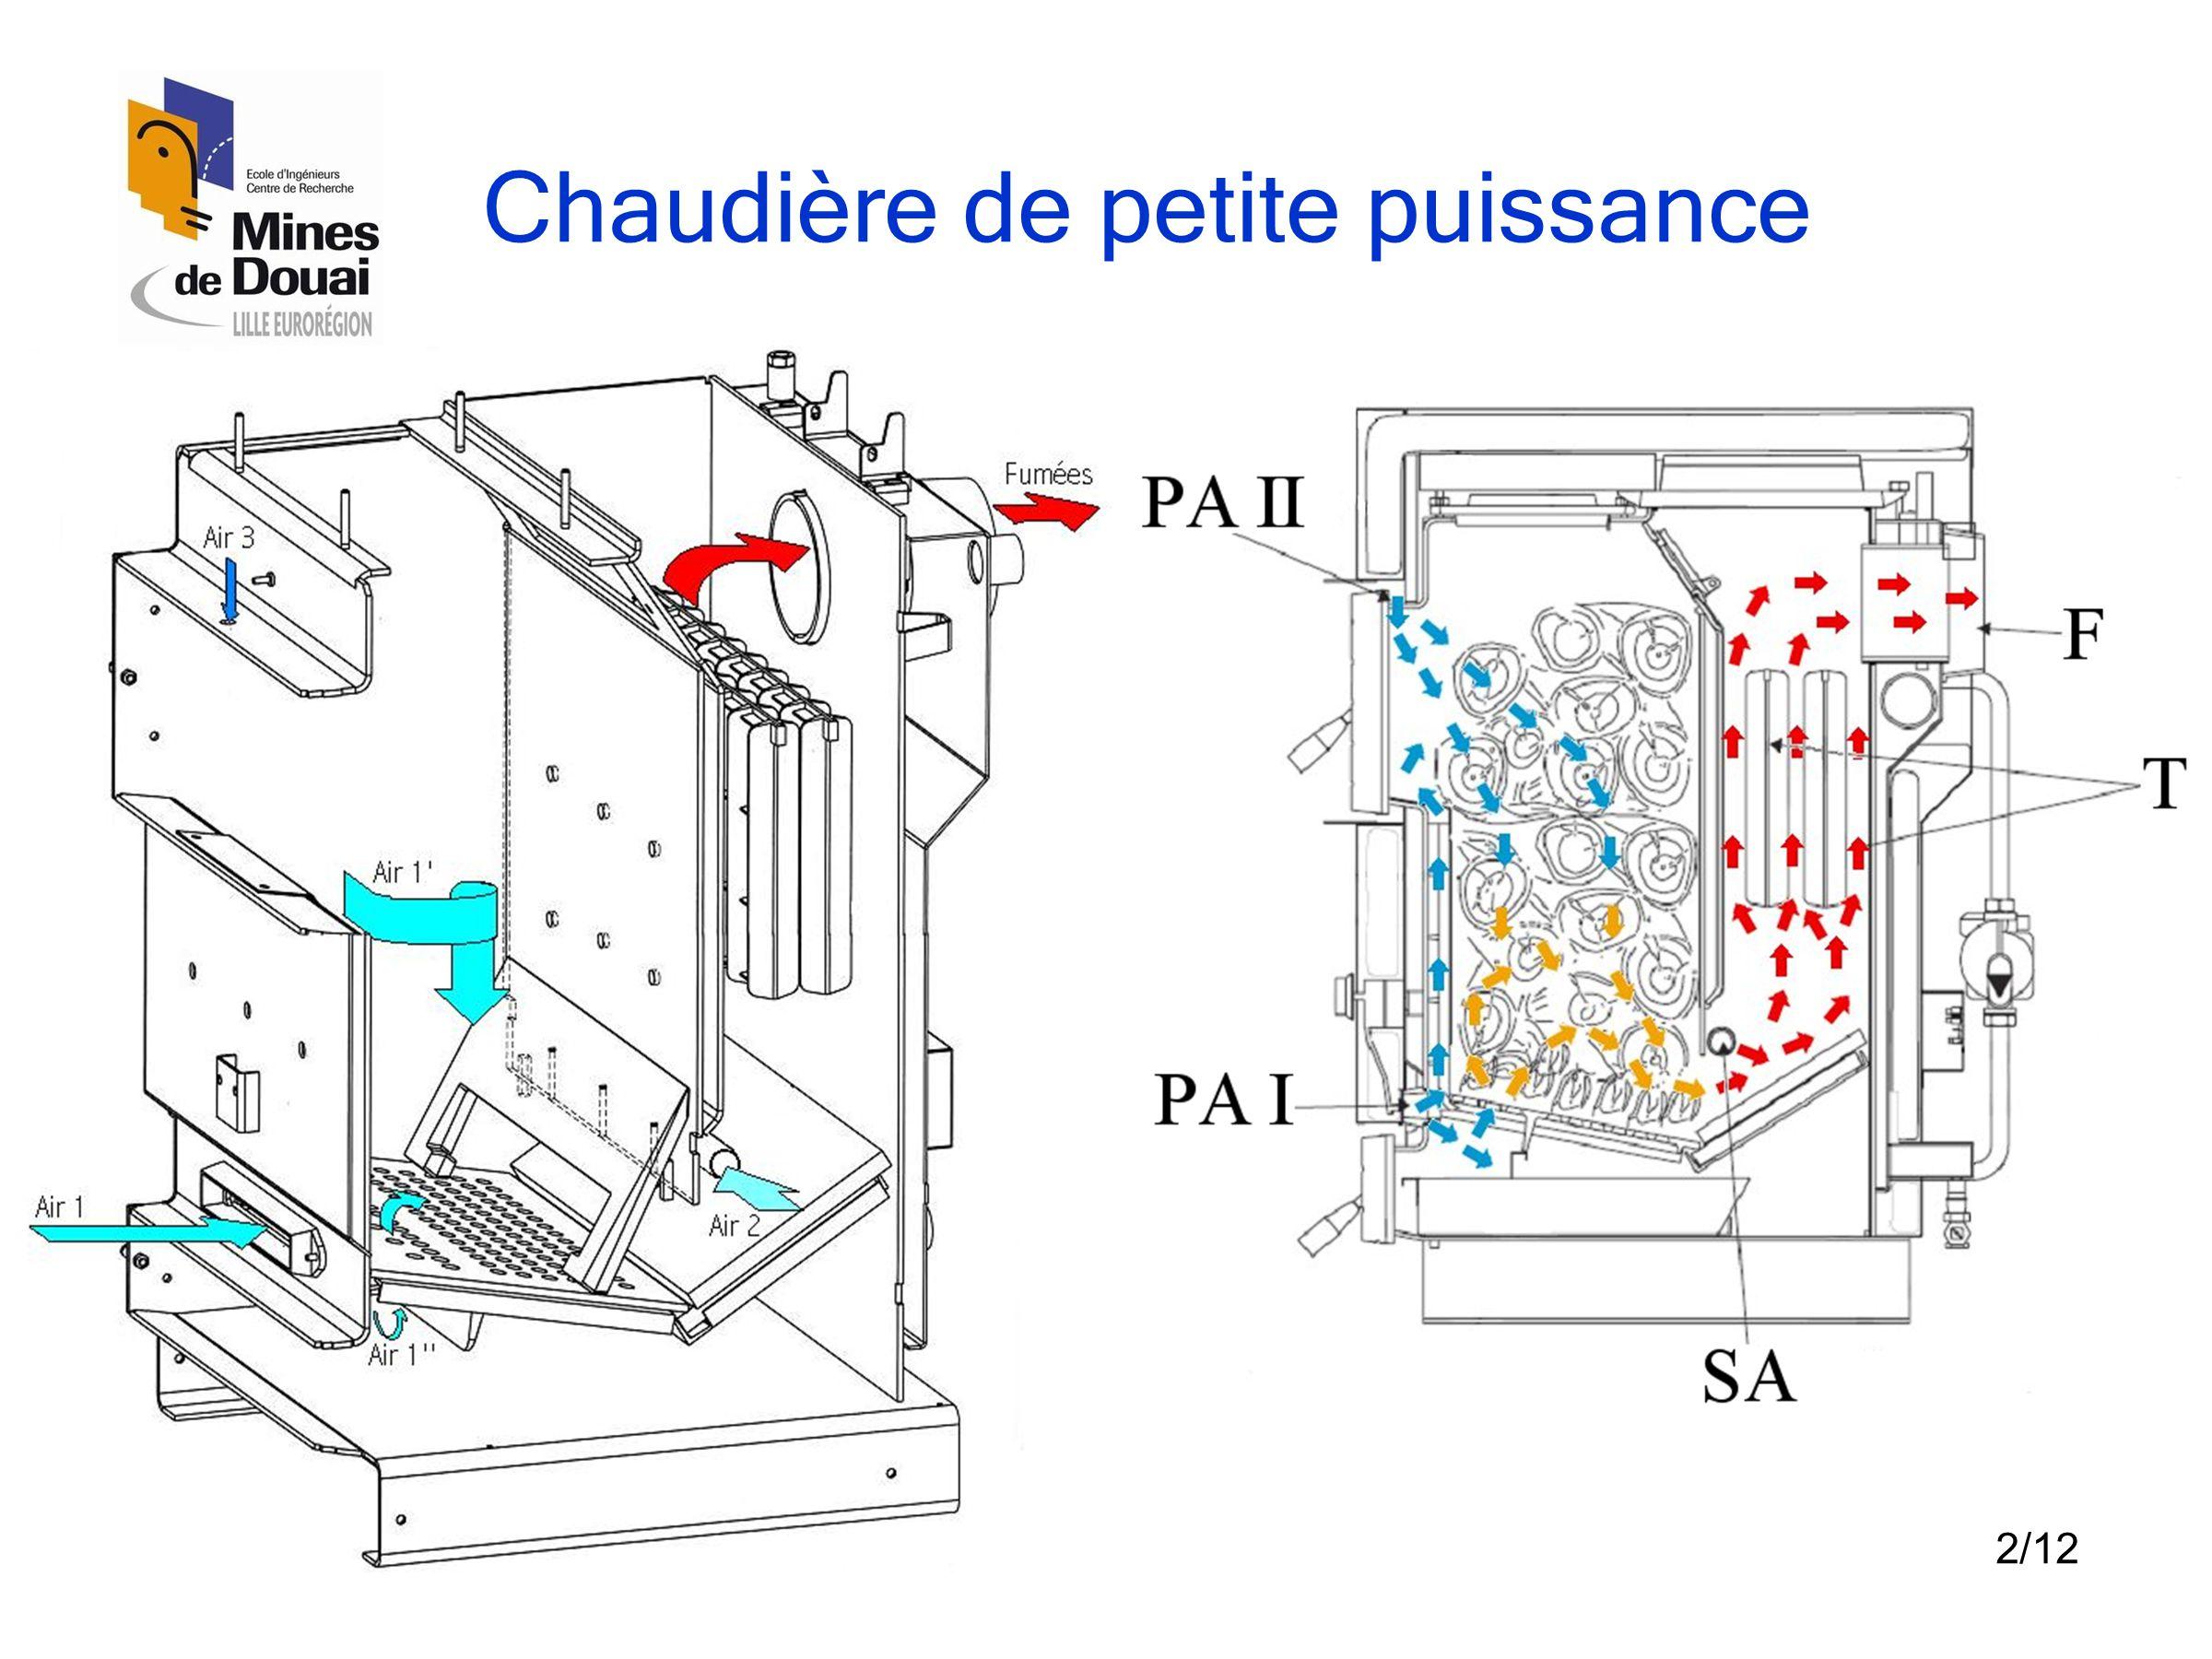 3/12 Hypothèses •Régime permanent •Disposition aléatoire de bûches •Combustible : matières volatiles  réactions homogènes •Mécanisme réactionnel semi-global •Bûches en phase de séchage et sources des volatiles •Débit des volatiles est le débit bois enregistré pendant les essais expérimentaux •Débit d'air calculé à partir de réactions chimiques •Distribution d'air entre les entrées n'est pas connue  suppositions •Surfaces des obstacles intérieures sont adiabatiques